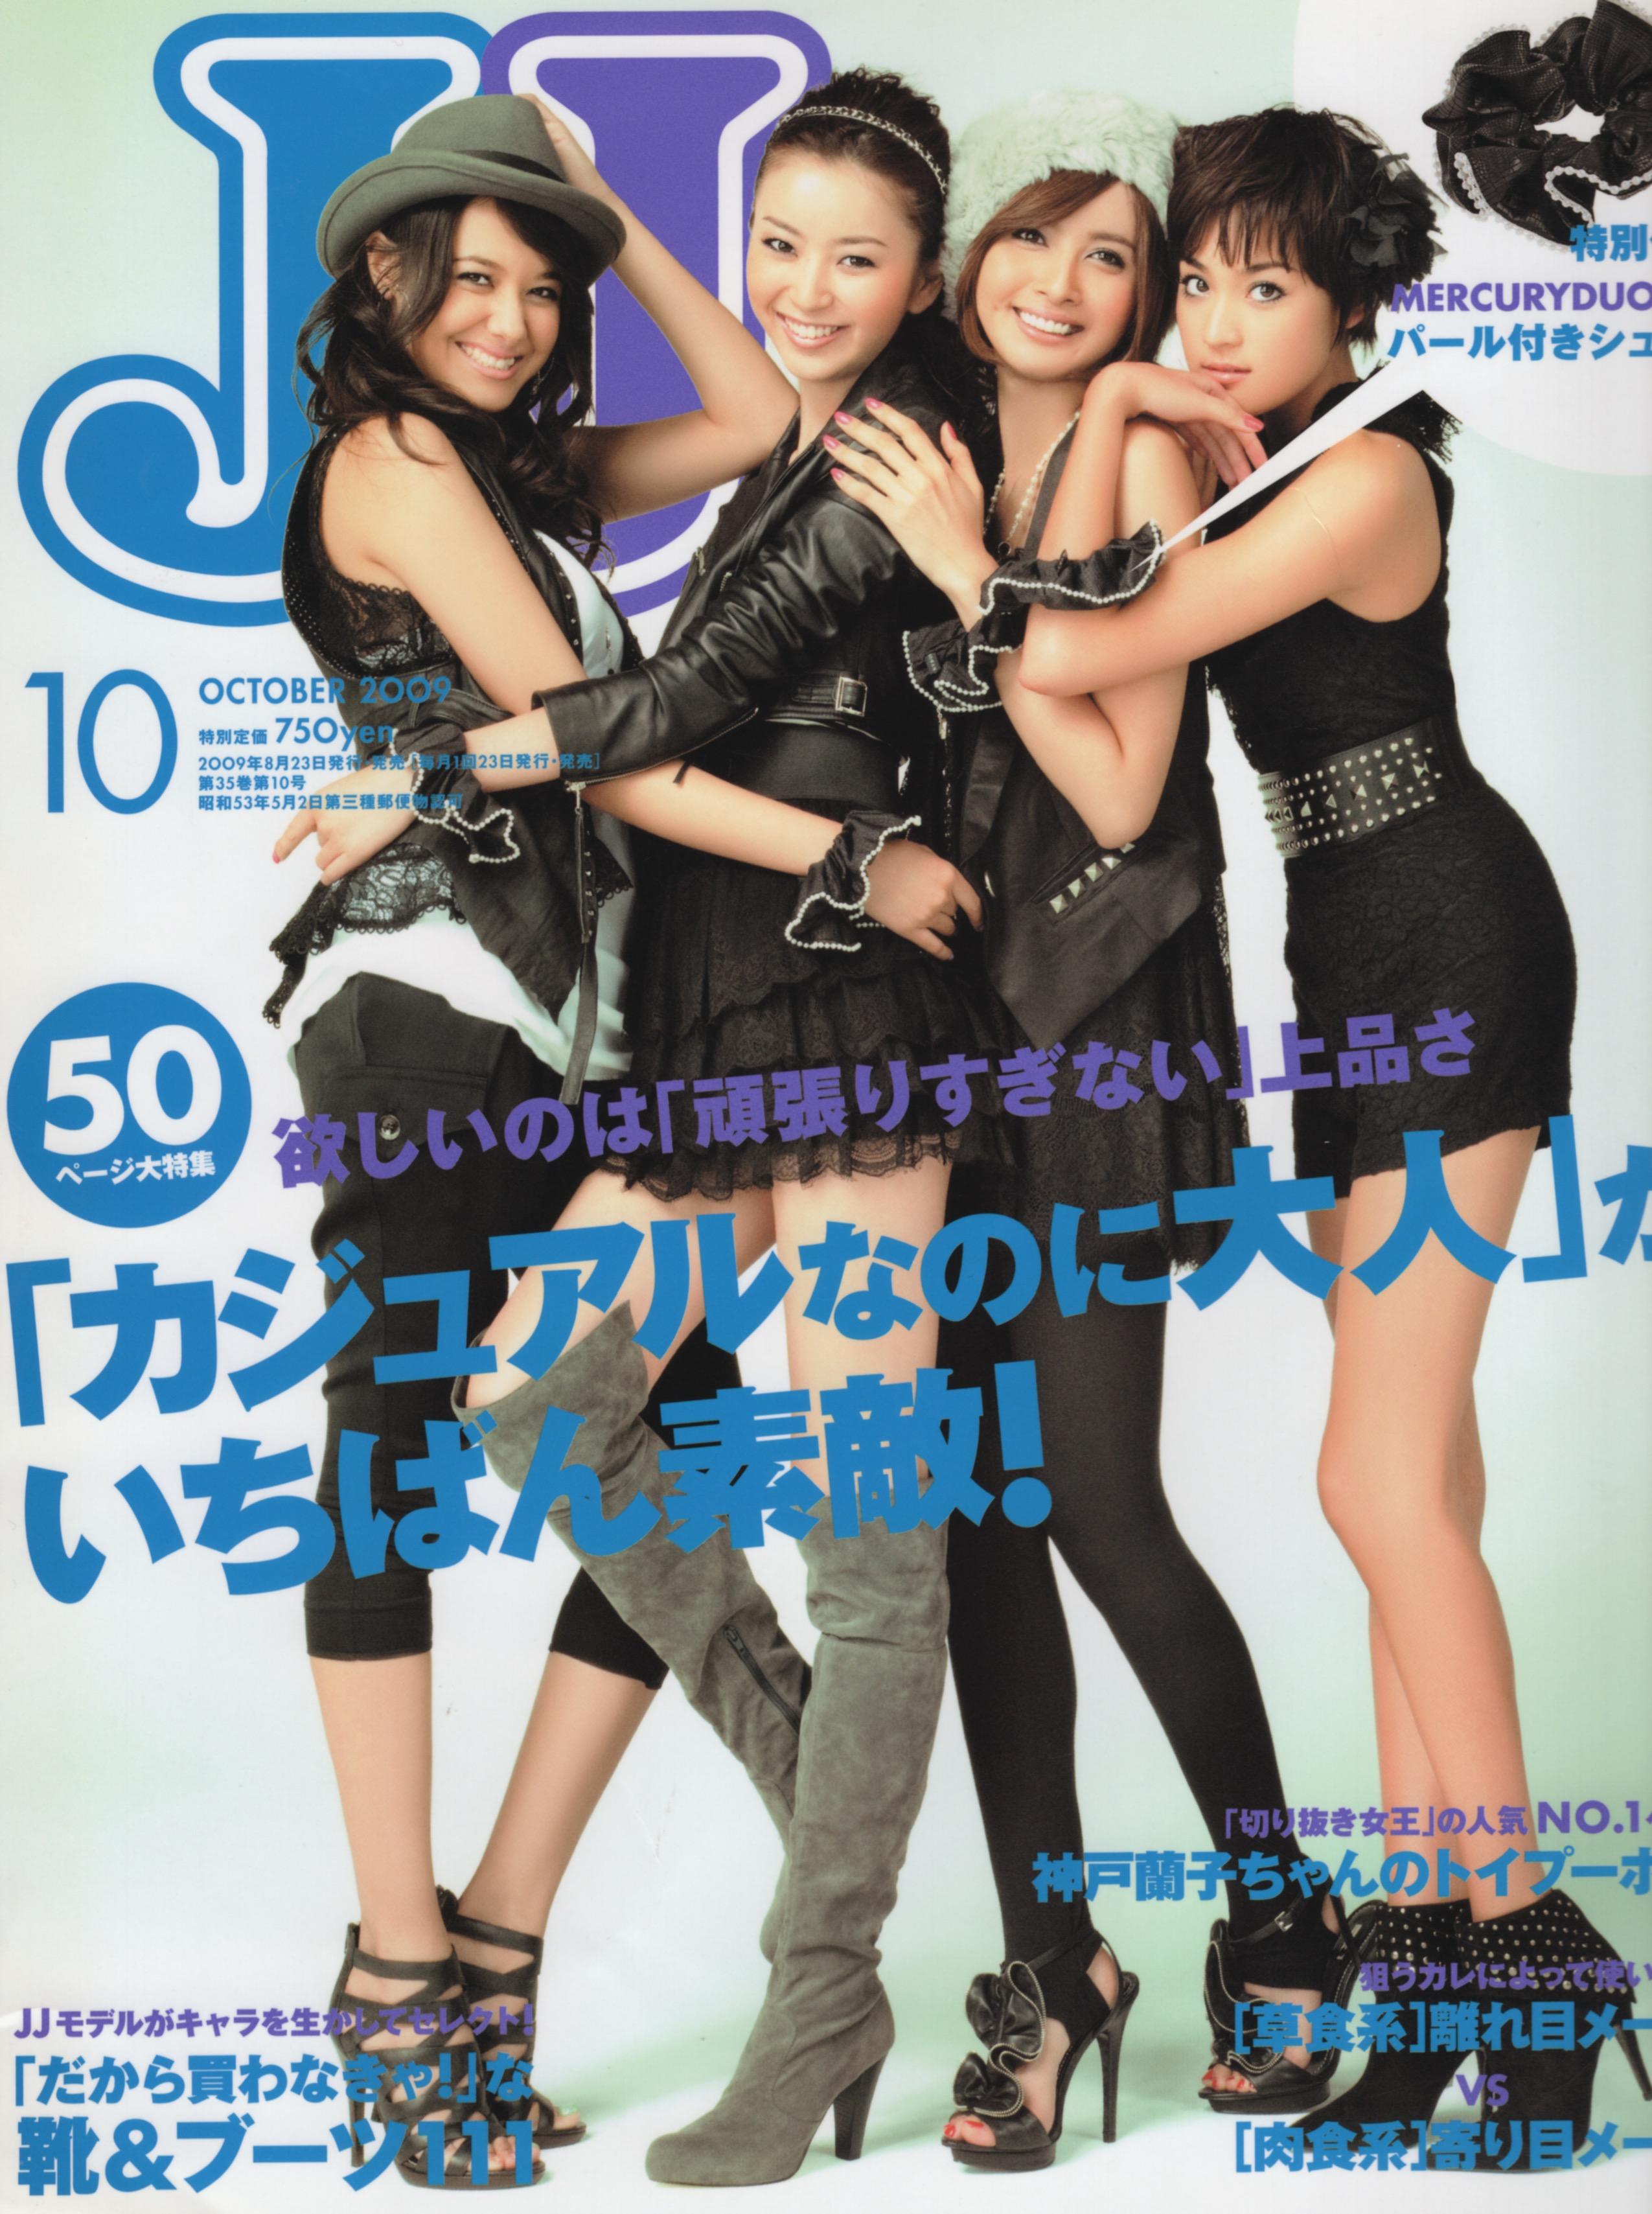 JJ 2009 october